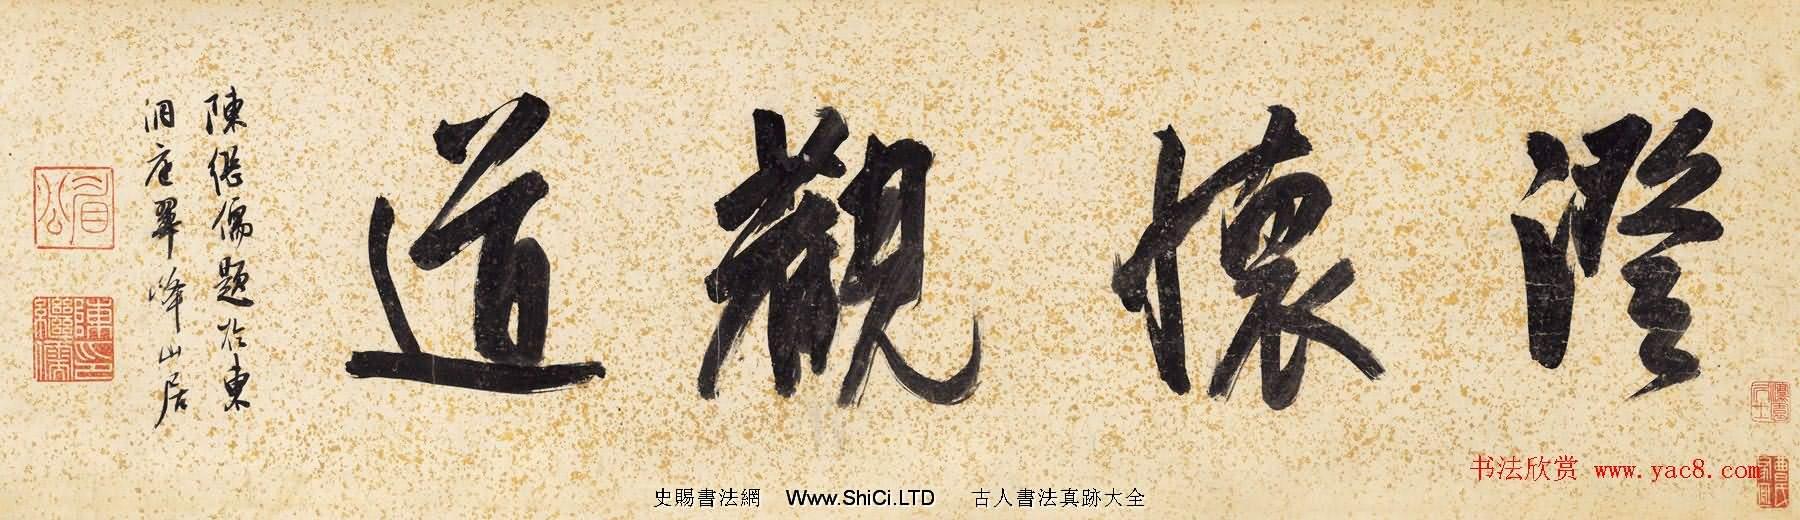 明代藍瑛字畫《溪山秋色圖》卷(共8張圖片)